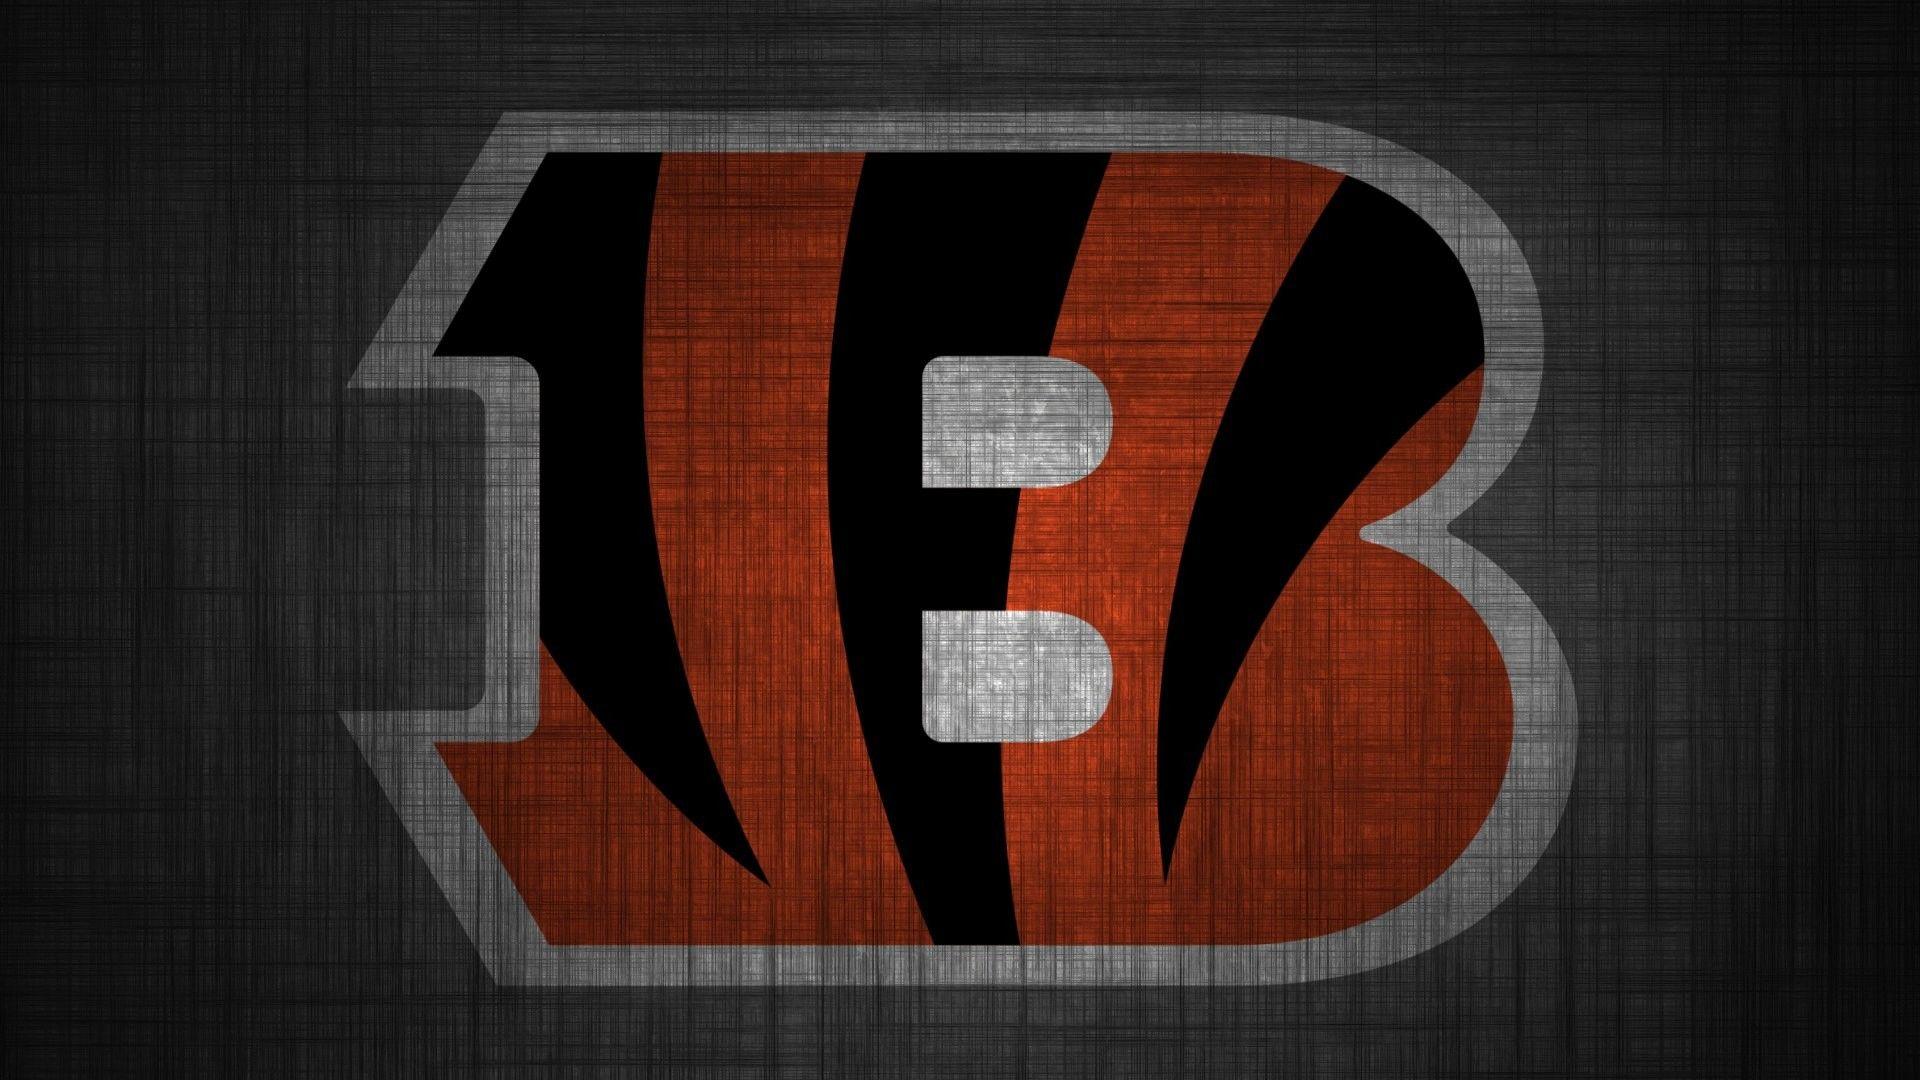 Backgrounds Cincinnati Bengals Hd 2021 Nfl Football Wallpapers Bengals Wallpaper Cincinnati Bengals Cincinnati Bengals Wallpapers